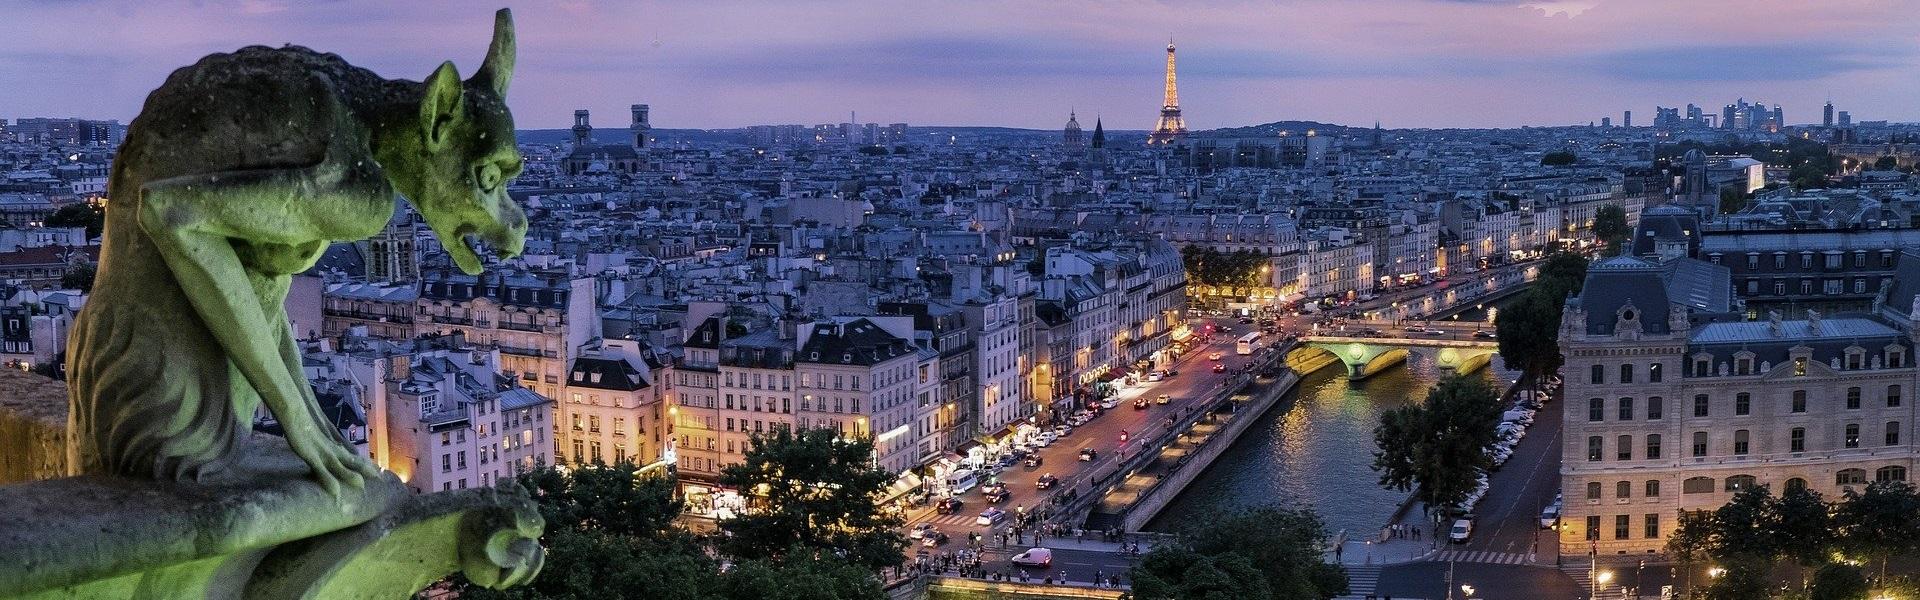 Tipps und Karrieremöglichkeiten für deutsche Bewerber in Paris